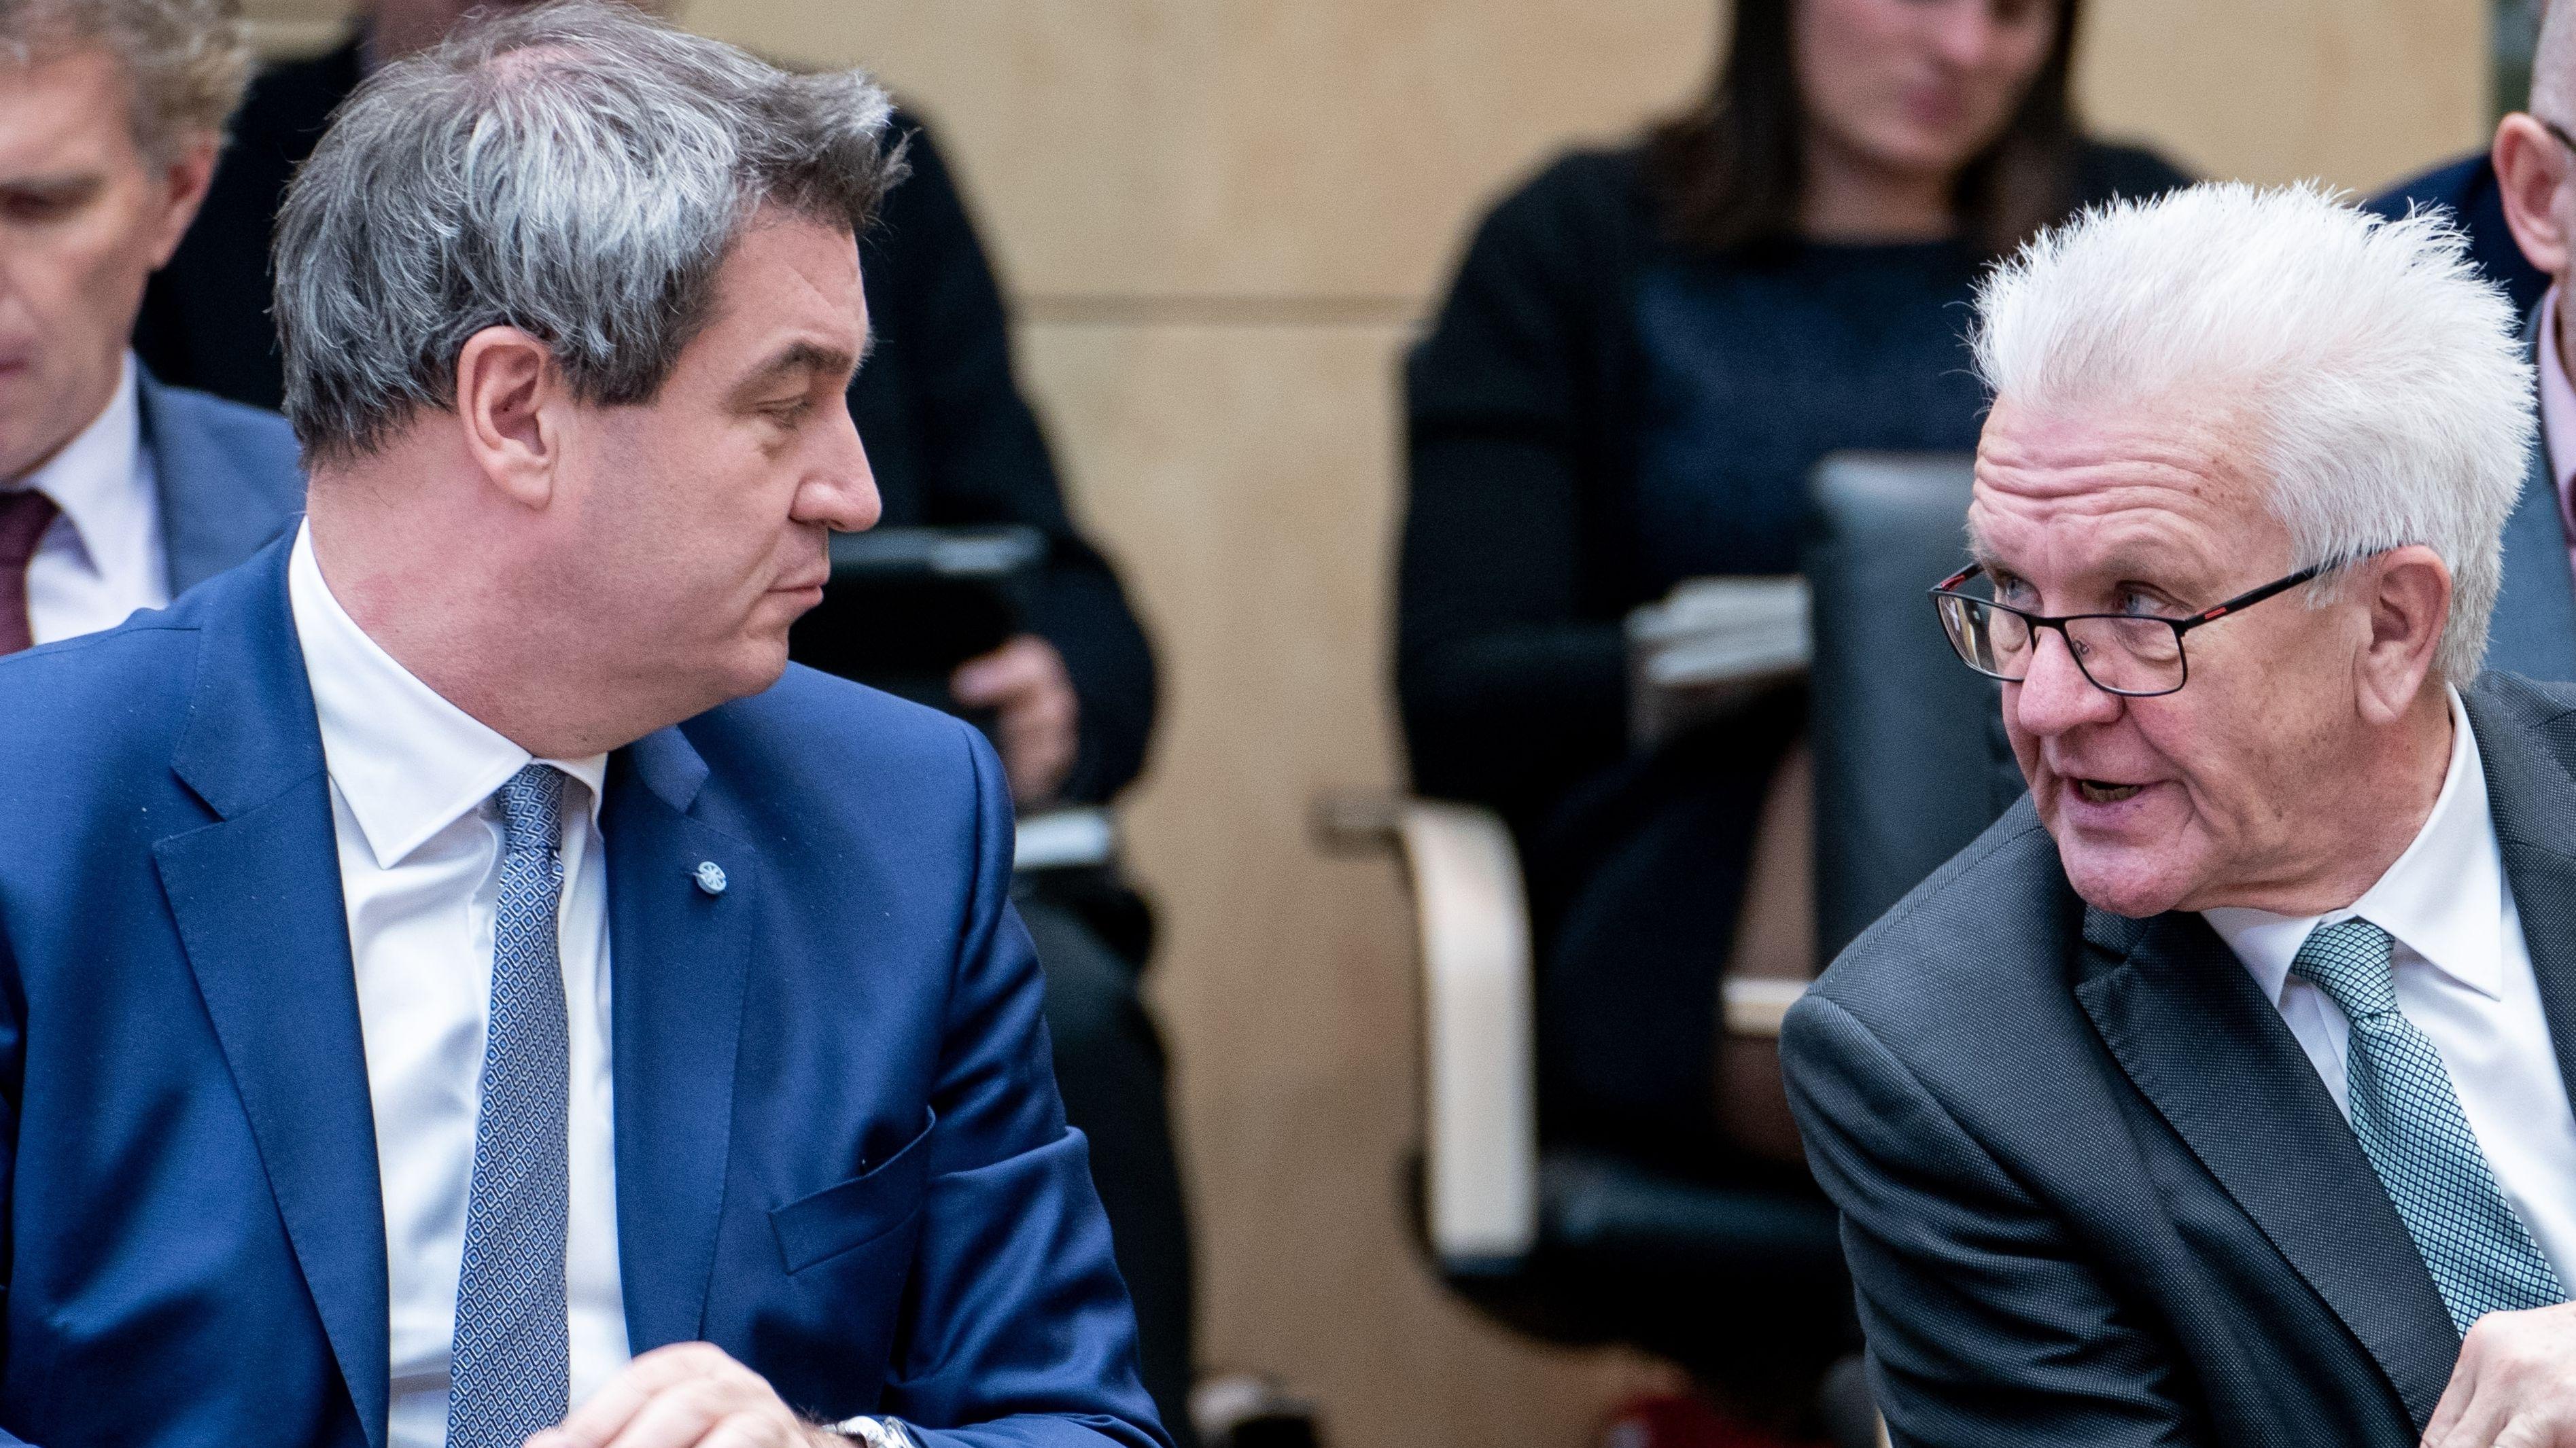 Archivbild: Markus Söder (l-r, CSU), Ministerpräsident von Bayern, und Winfried Kretschmann (Bündnis 90/Die Grünen), Ministerpräsident von Baden-Württemberg, unterhalten sich während der Sitzung des Bundesrats.